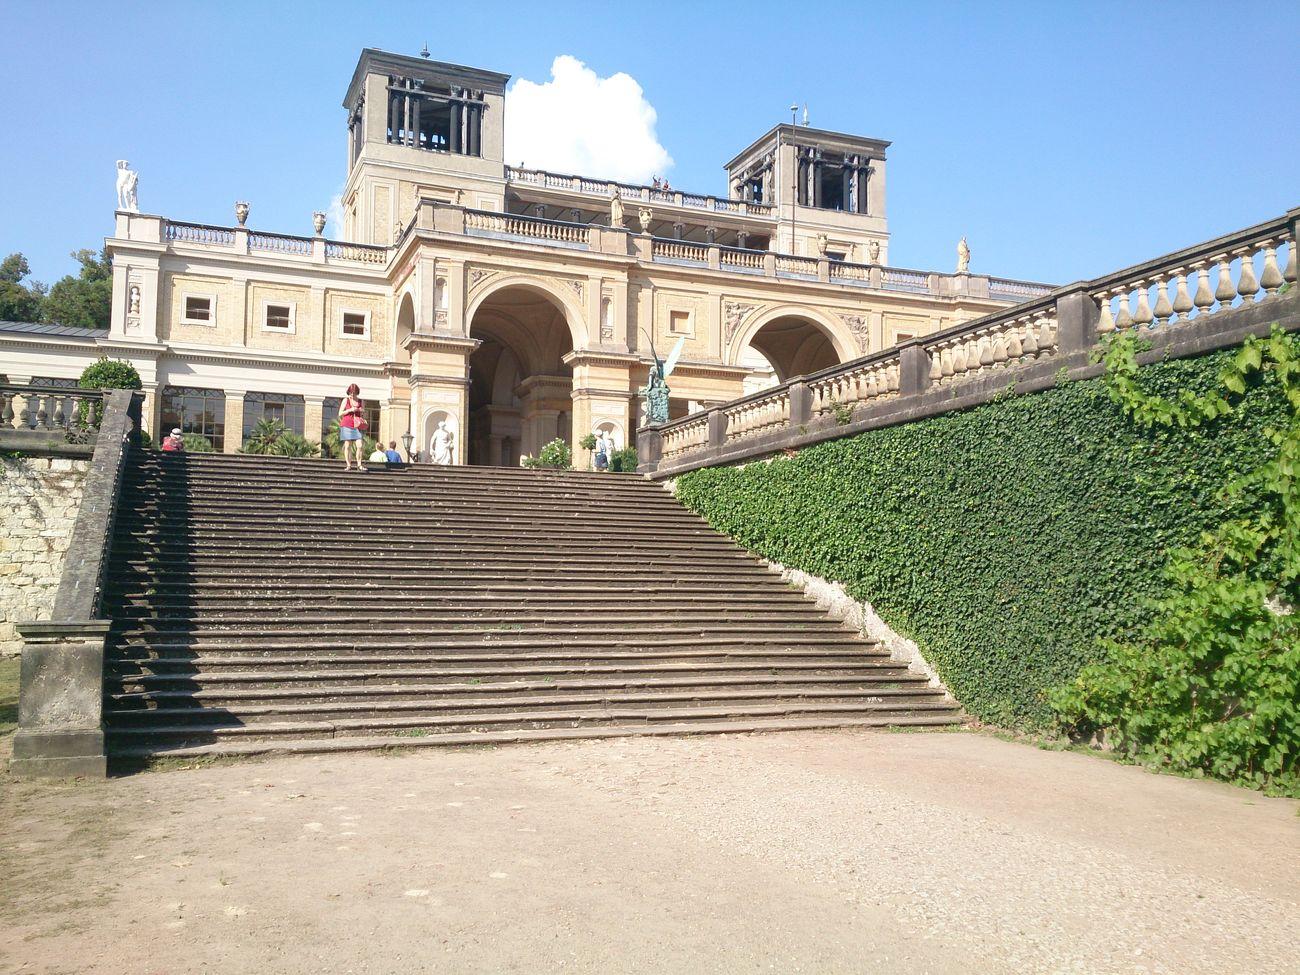 El Palacio De Invernadero De Naranjos en la Ciudad De Potsdam en Alemania